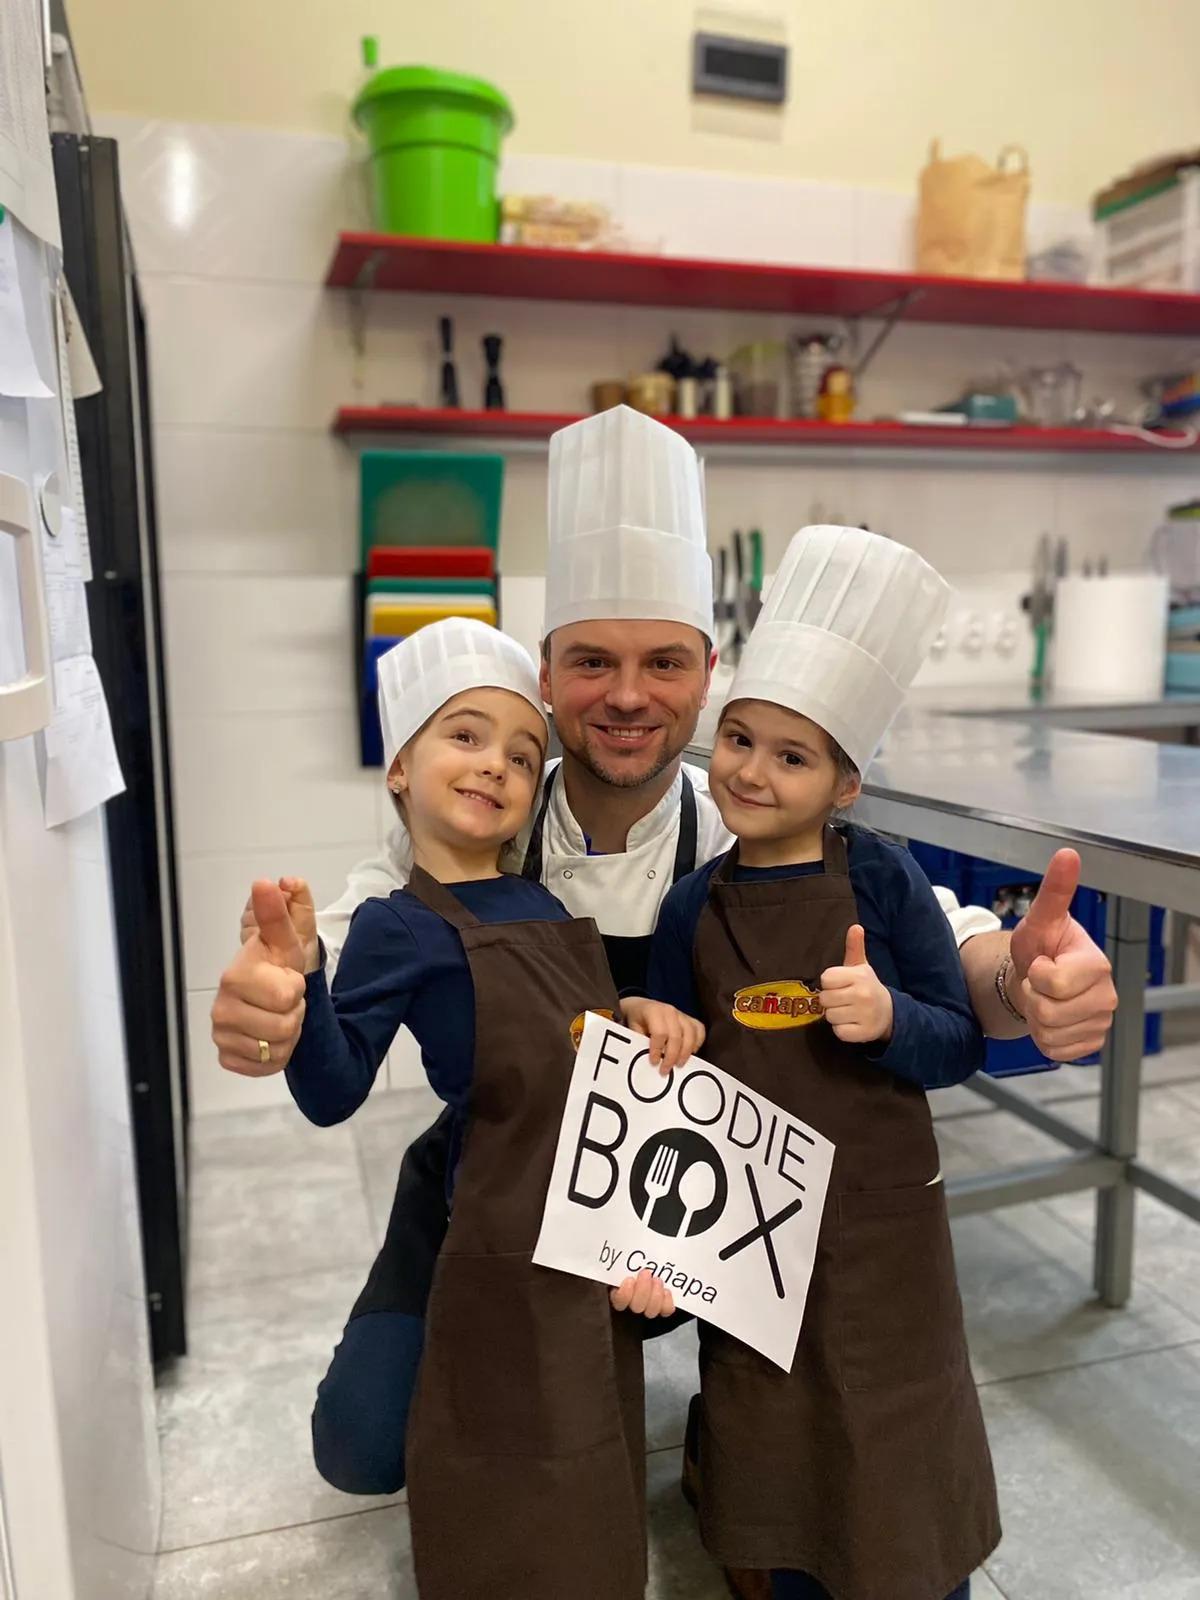 Historia właściciela firmy FoodieBox